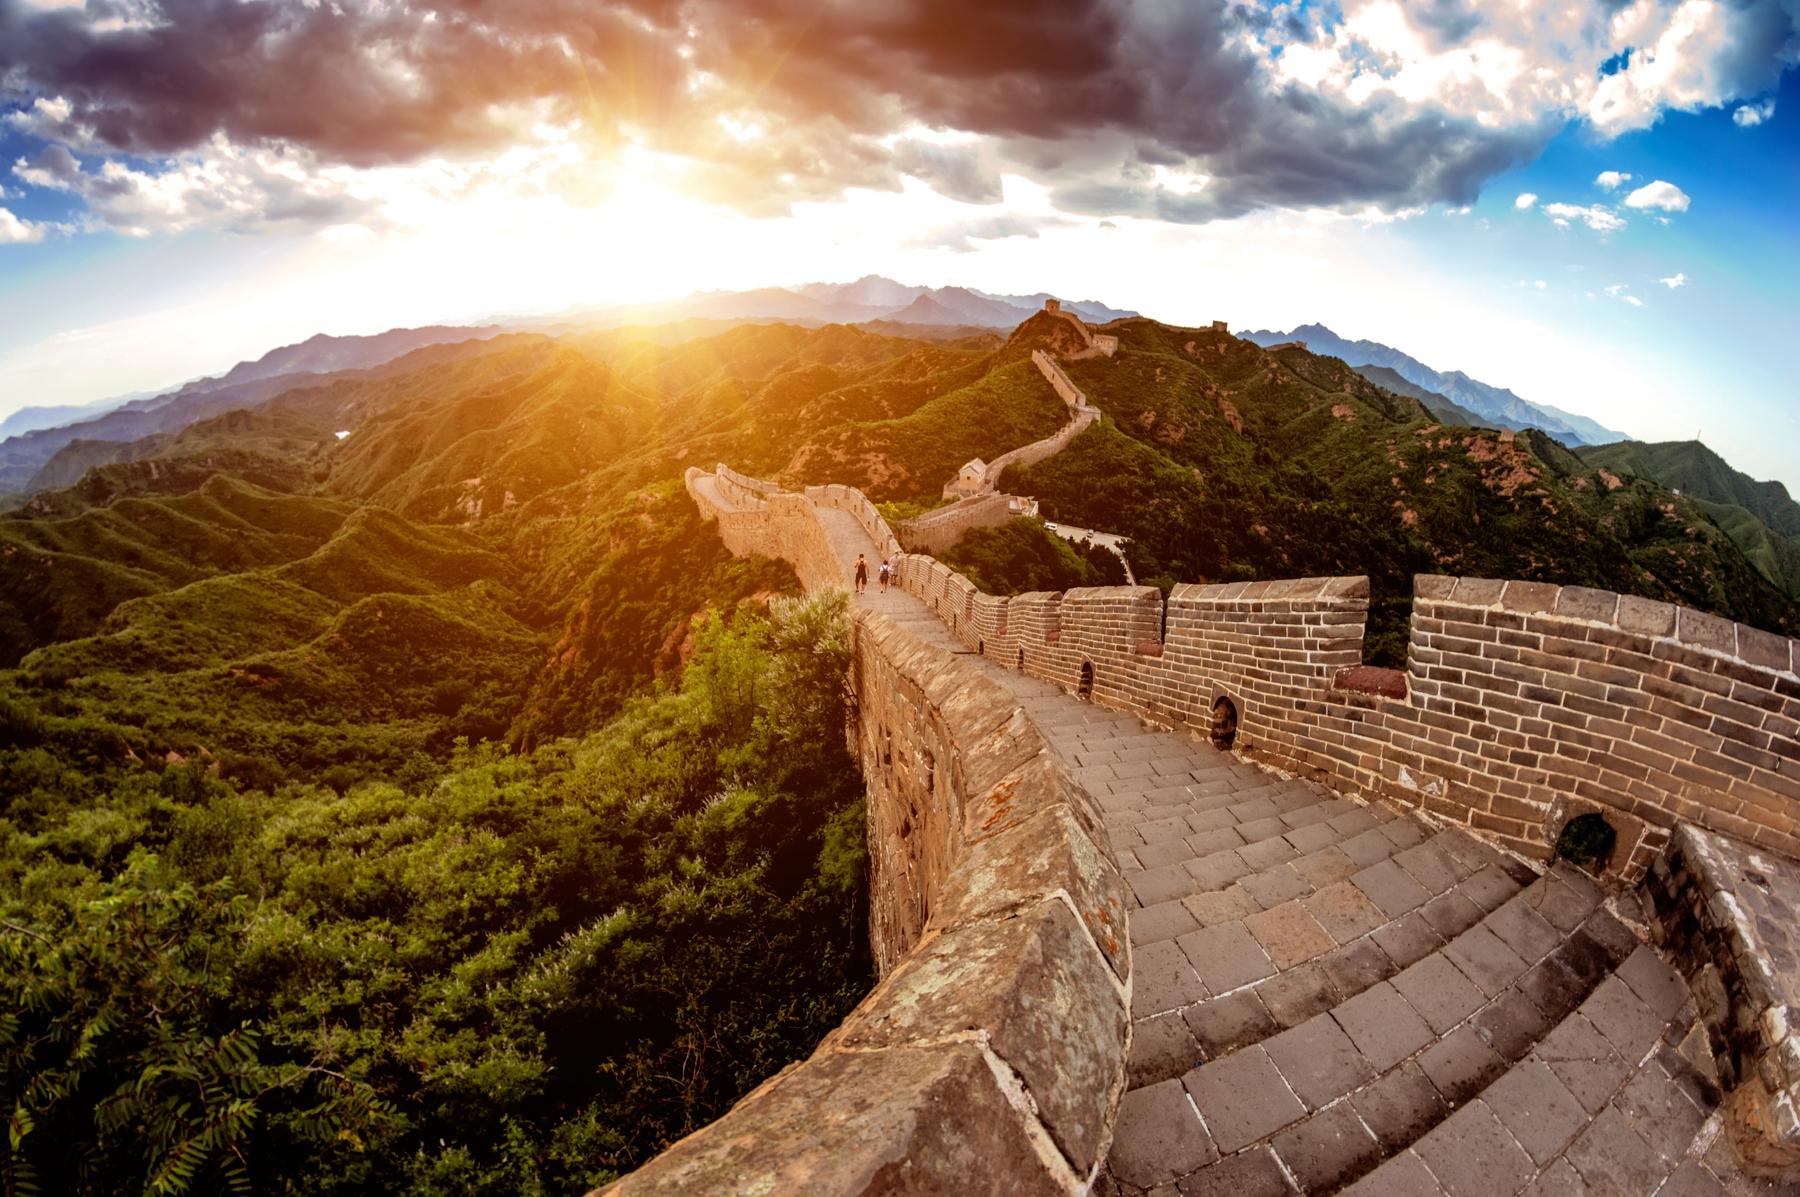 中國海關規定旅客可攜帶進出境的限額均為不超過2萬元